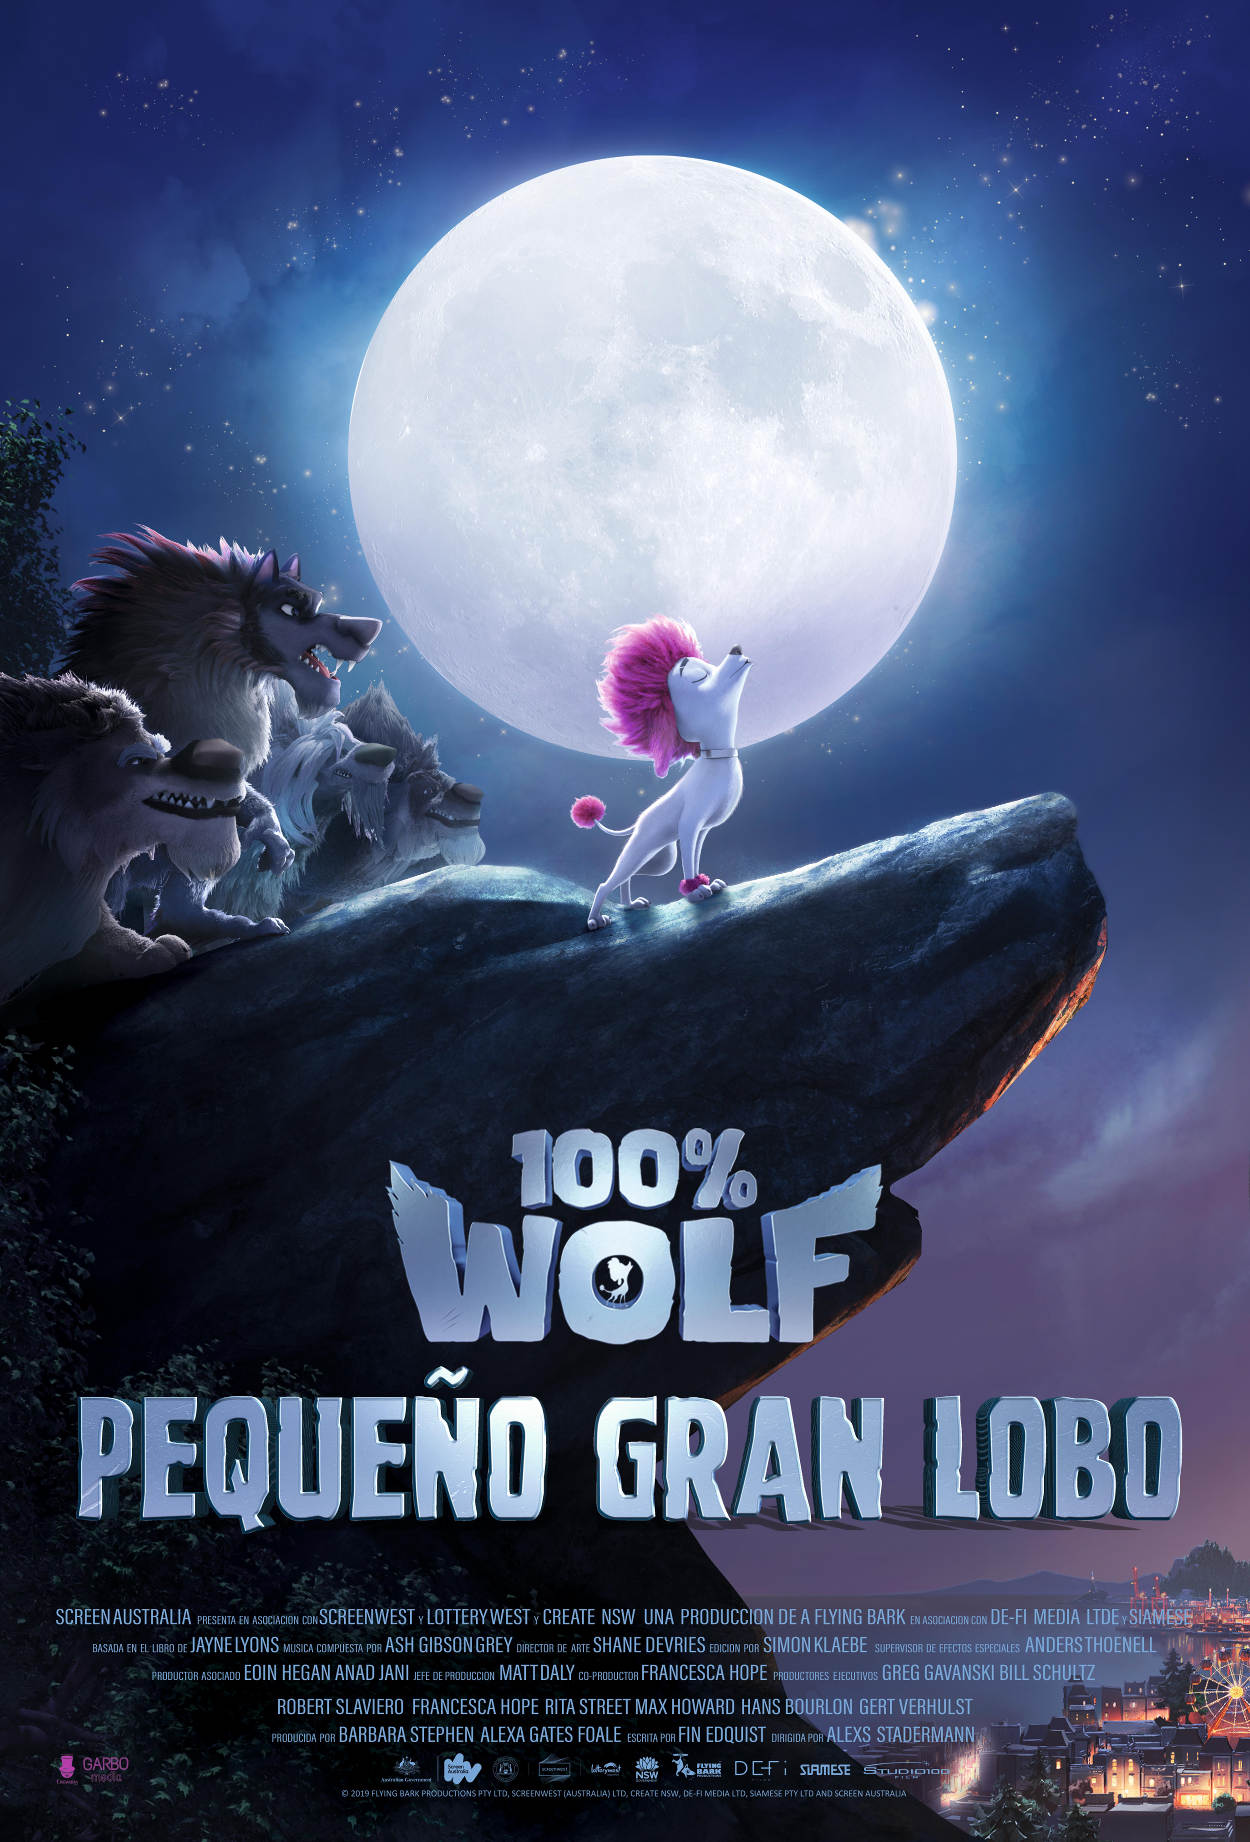 poster pequeño gran lobo